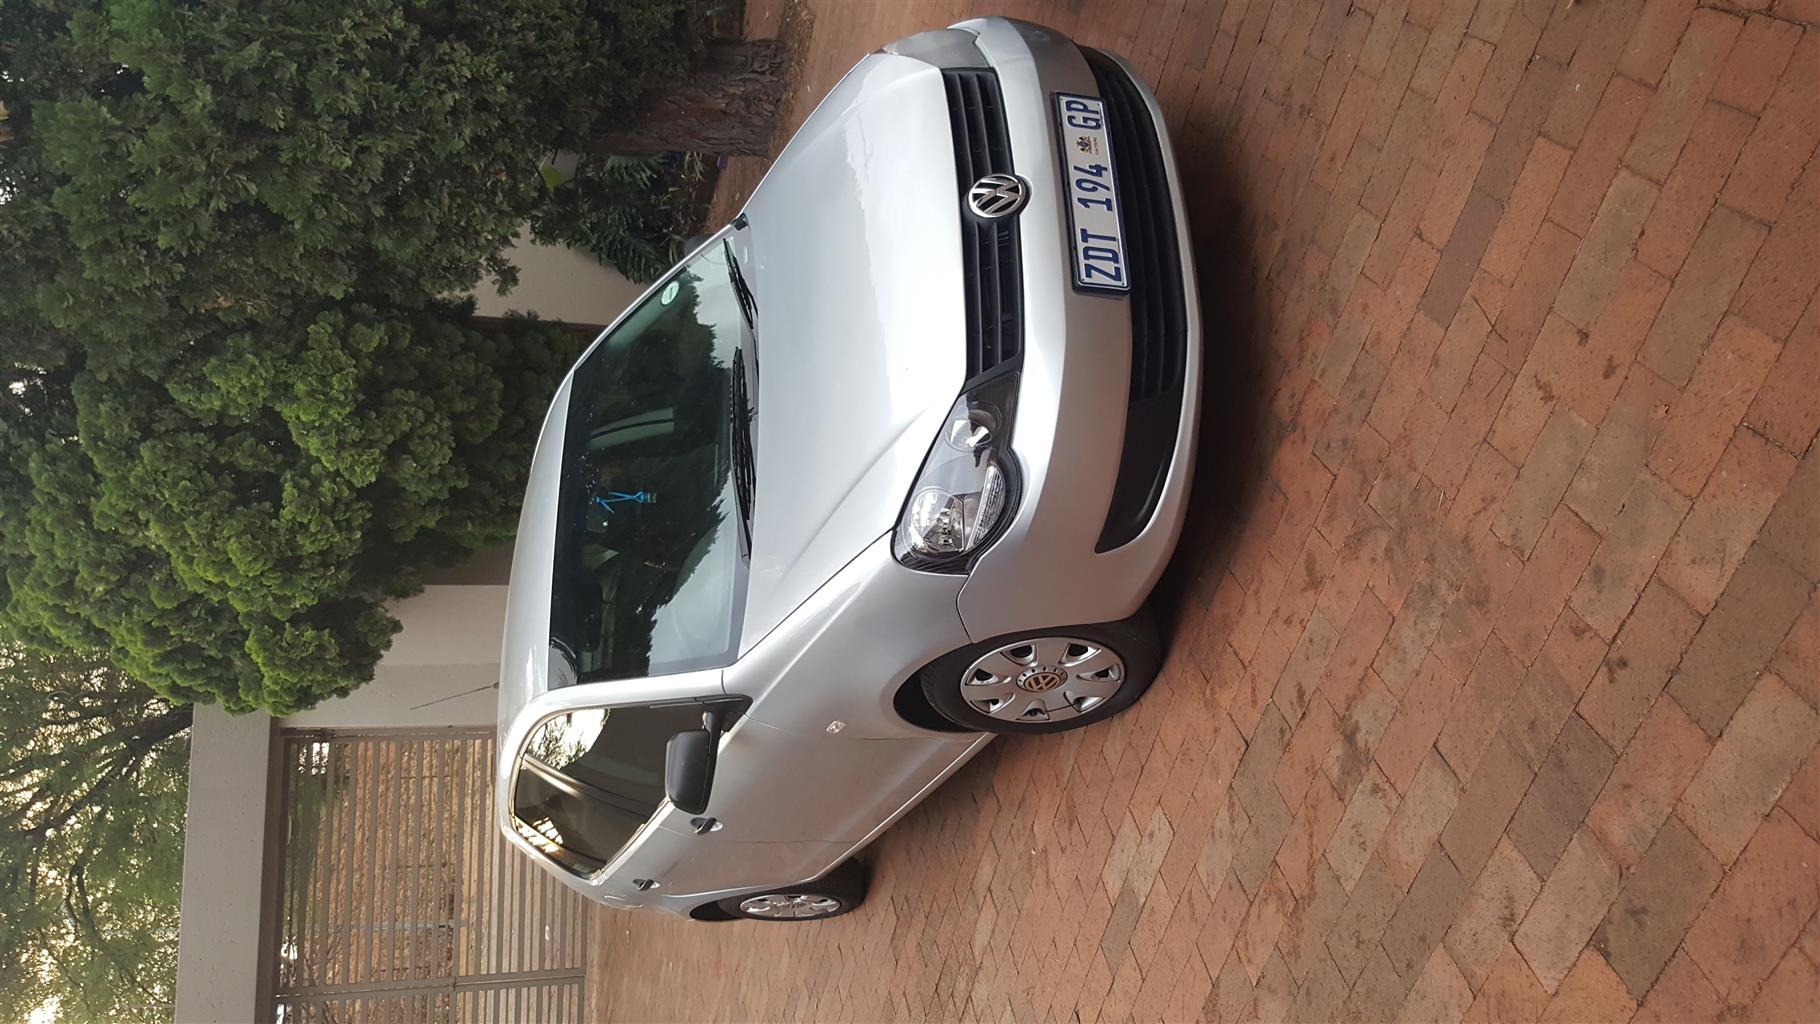 2010 VW Polo Vivo 5 door 1.4